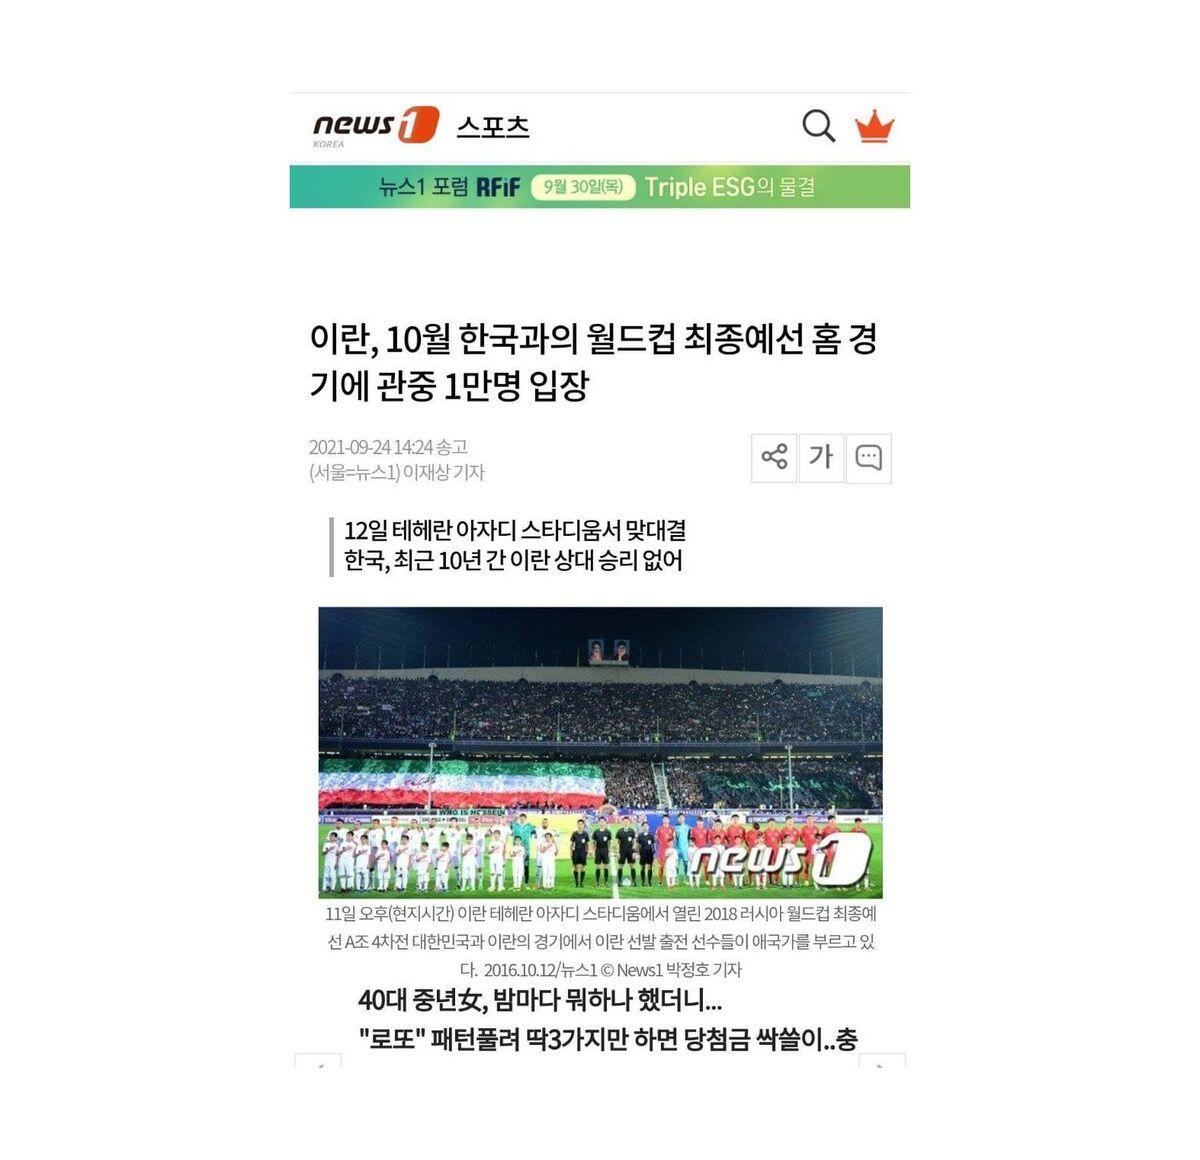 وحشت کره ایها از بازی در تهران/ آزادی گورستان رقبای ایران است!